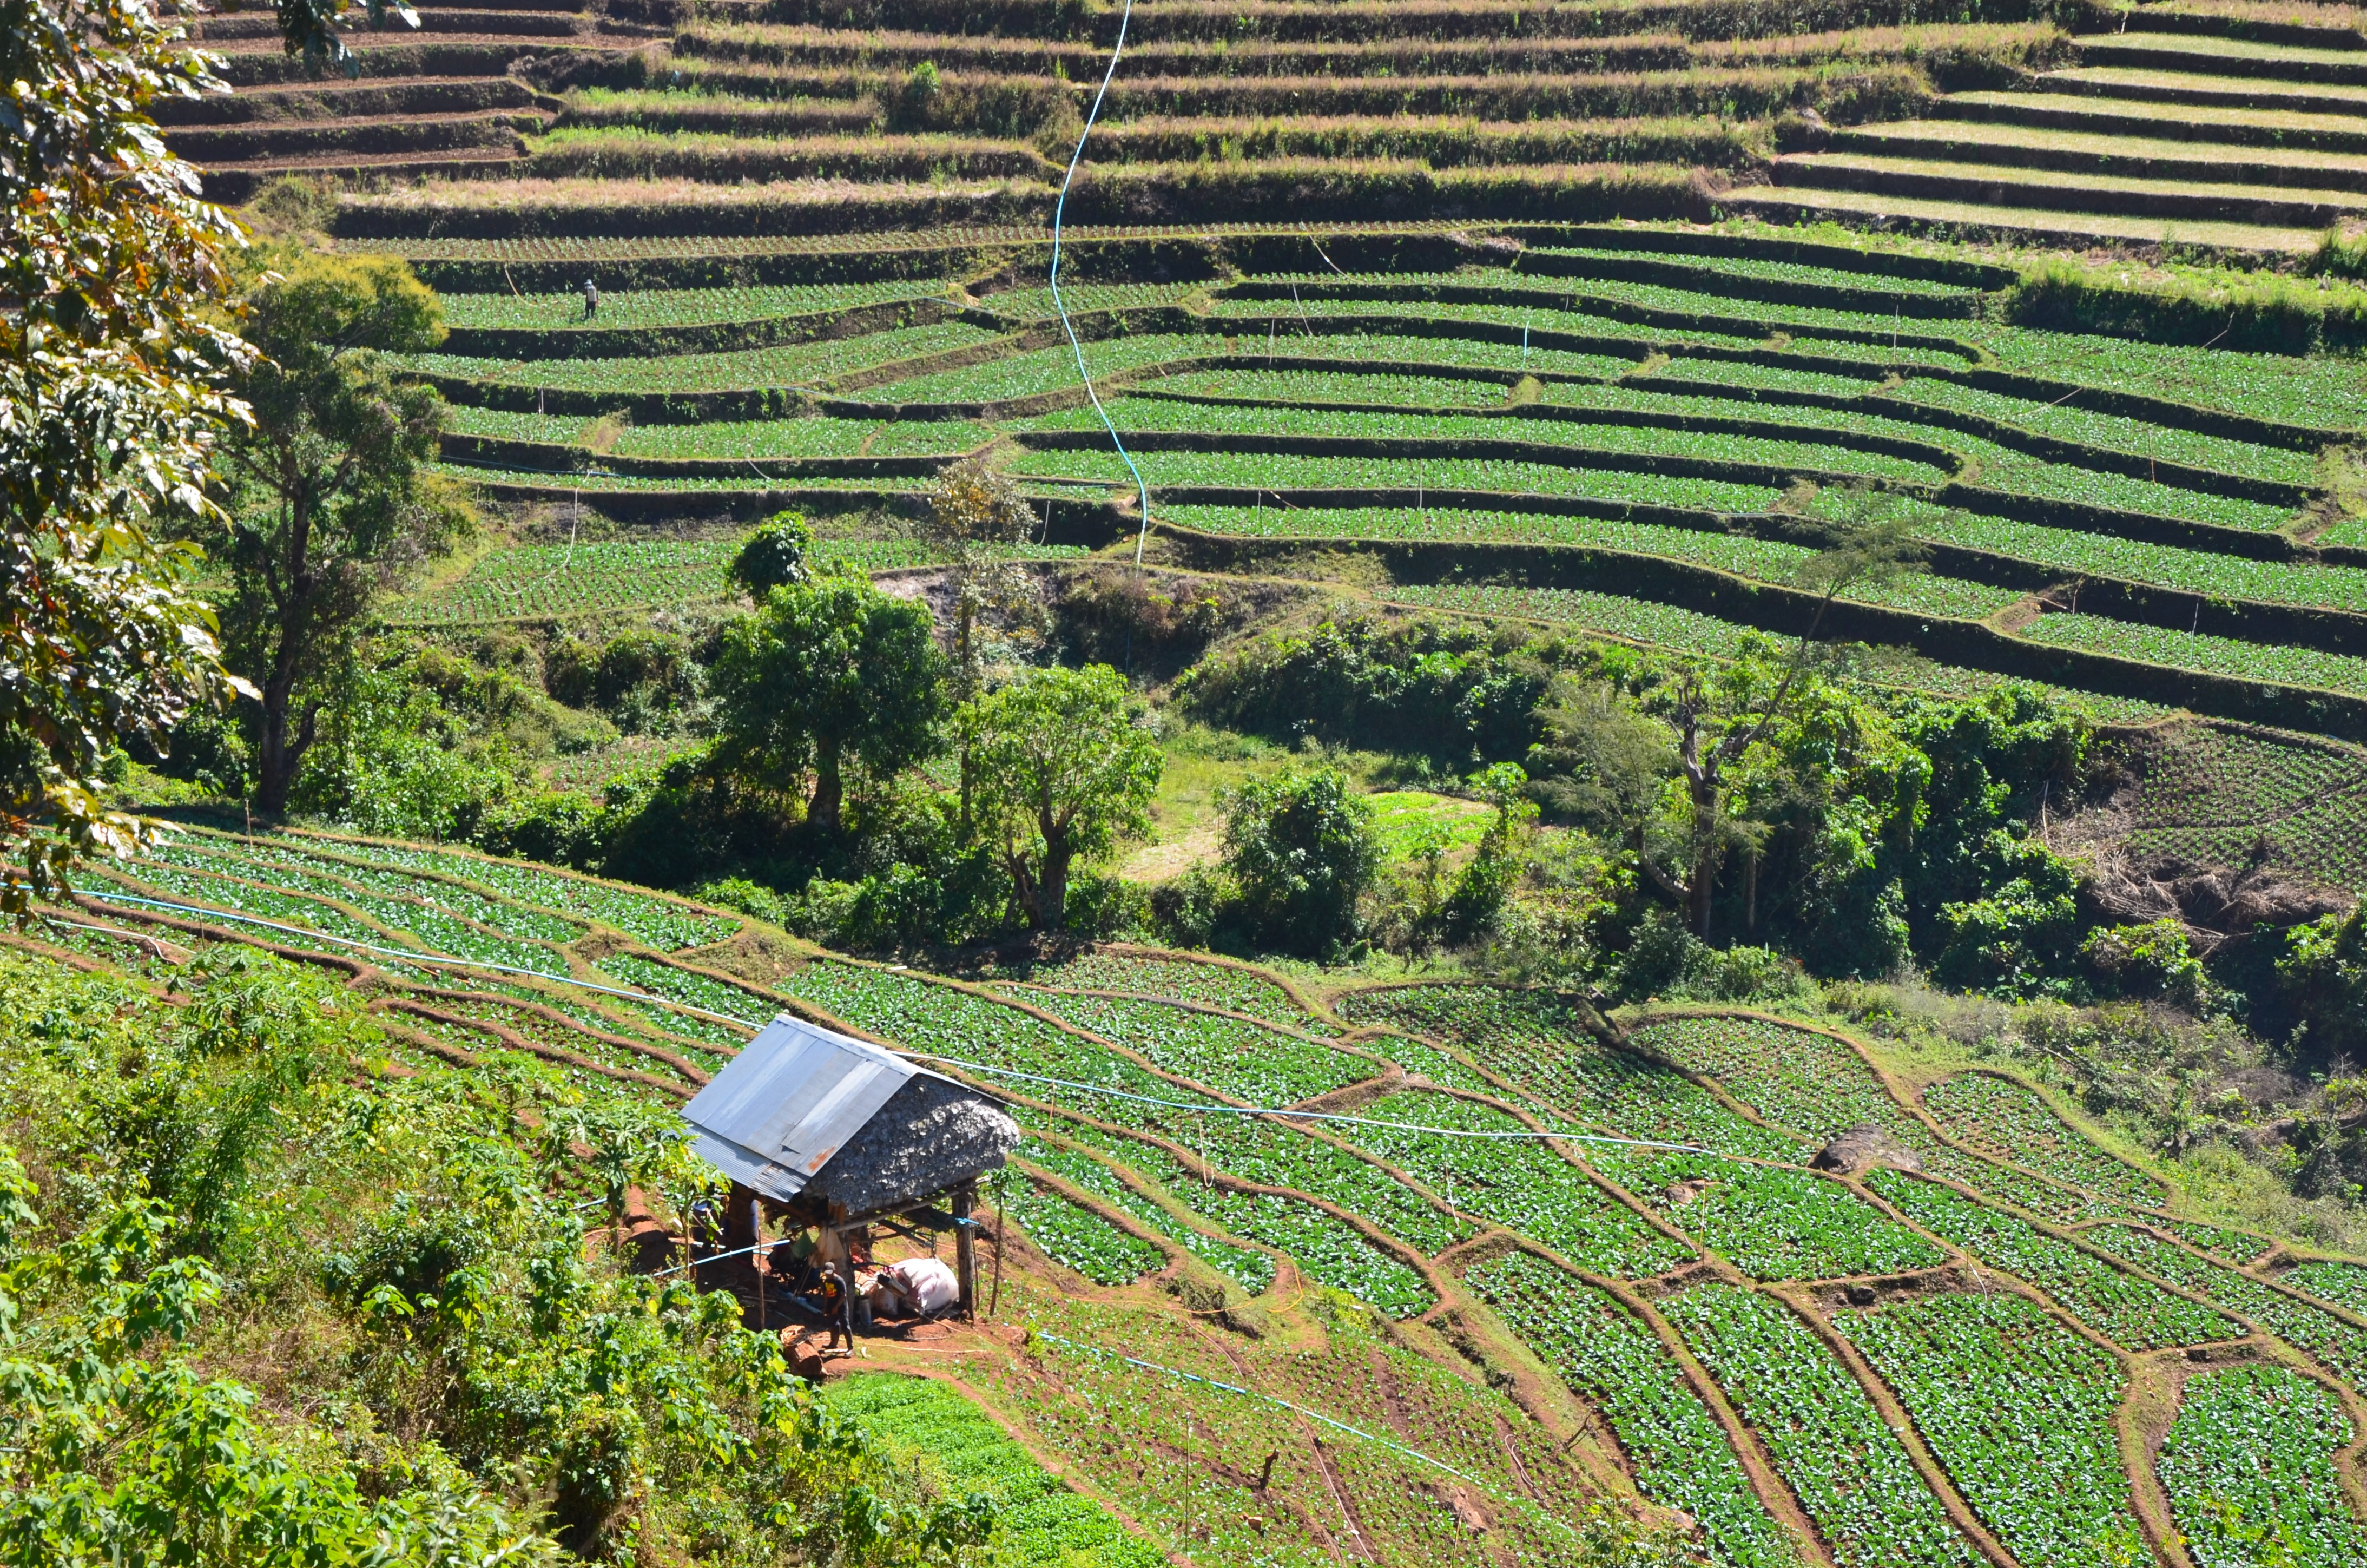 Нави и длинношеие женщины: поход в таиландские джунгли Нави и длинношеие женщины: поход в таиландские джунгли DSC 0970